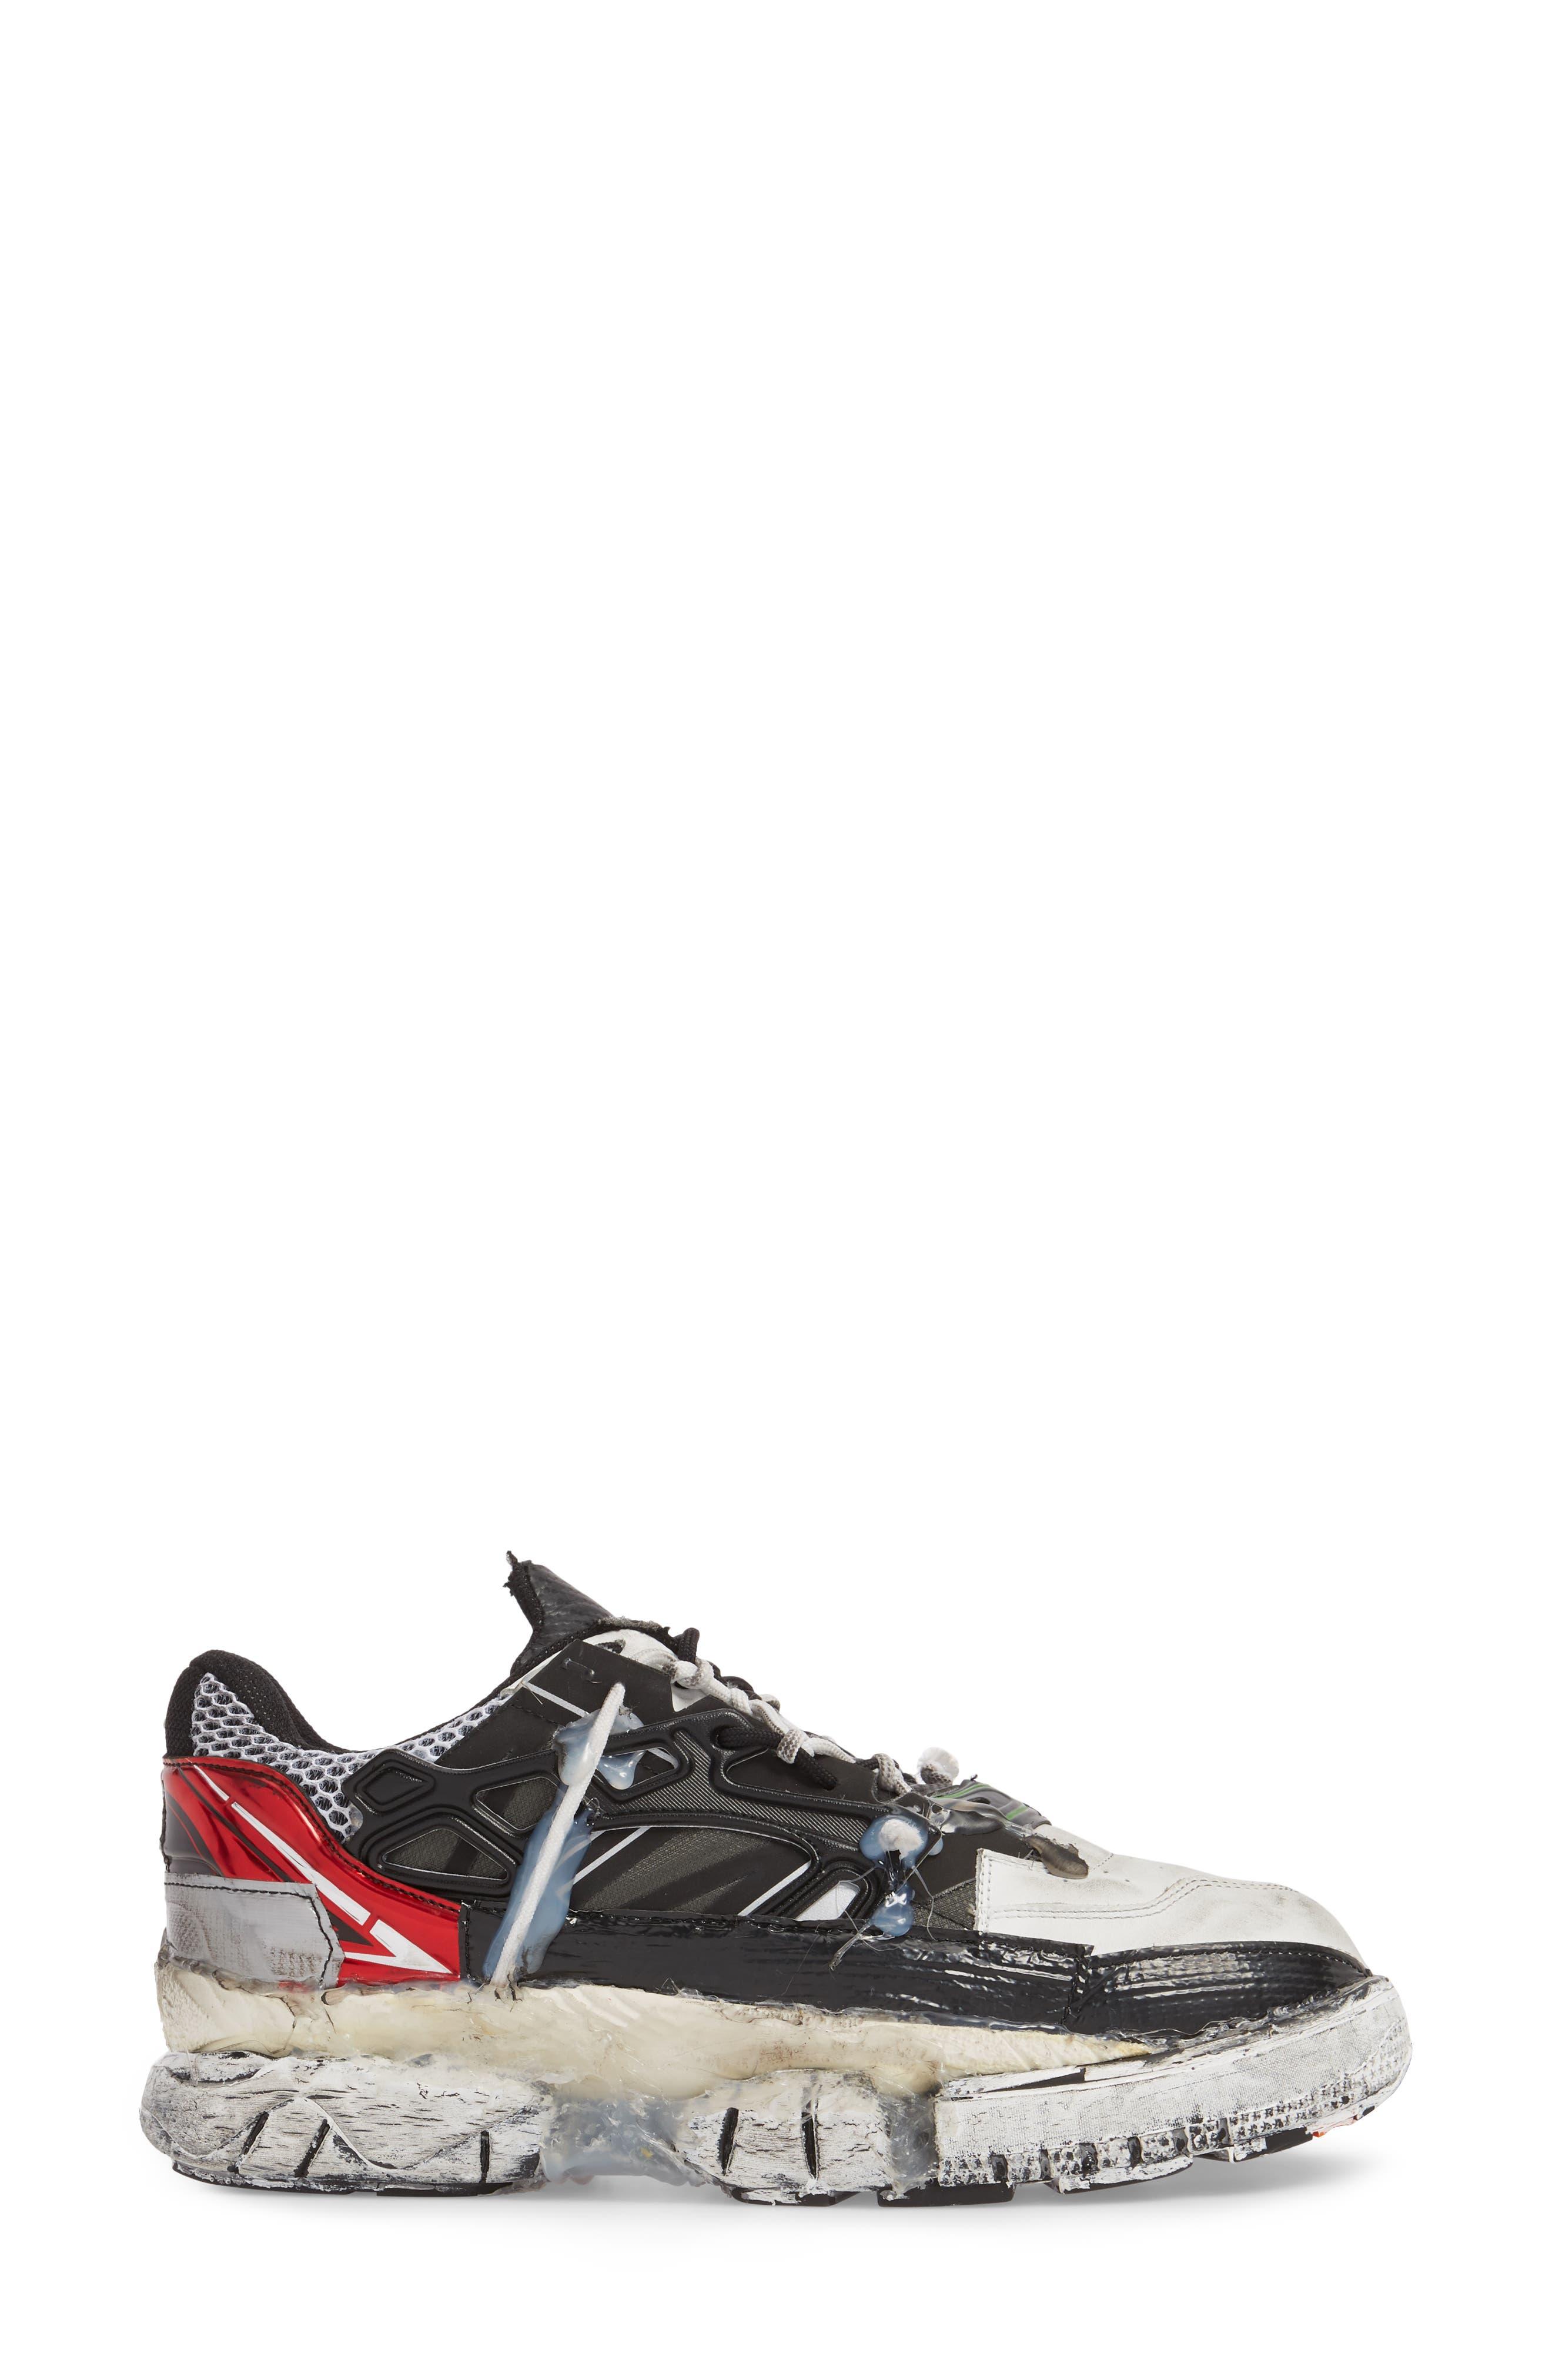 Maison Margiela Fusion Sneaker,                             Alternate thumbnail 3, color,                             UNIQUE VARIANT